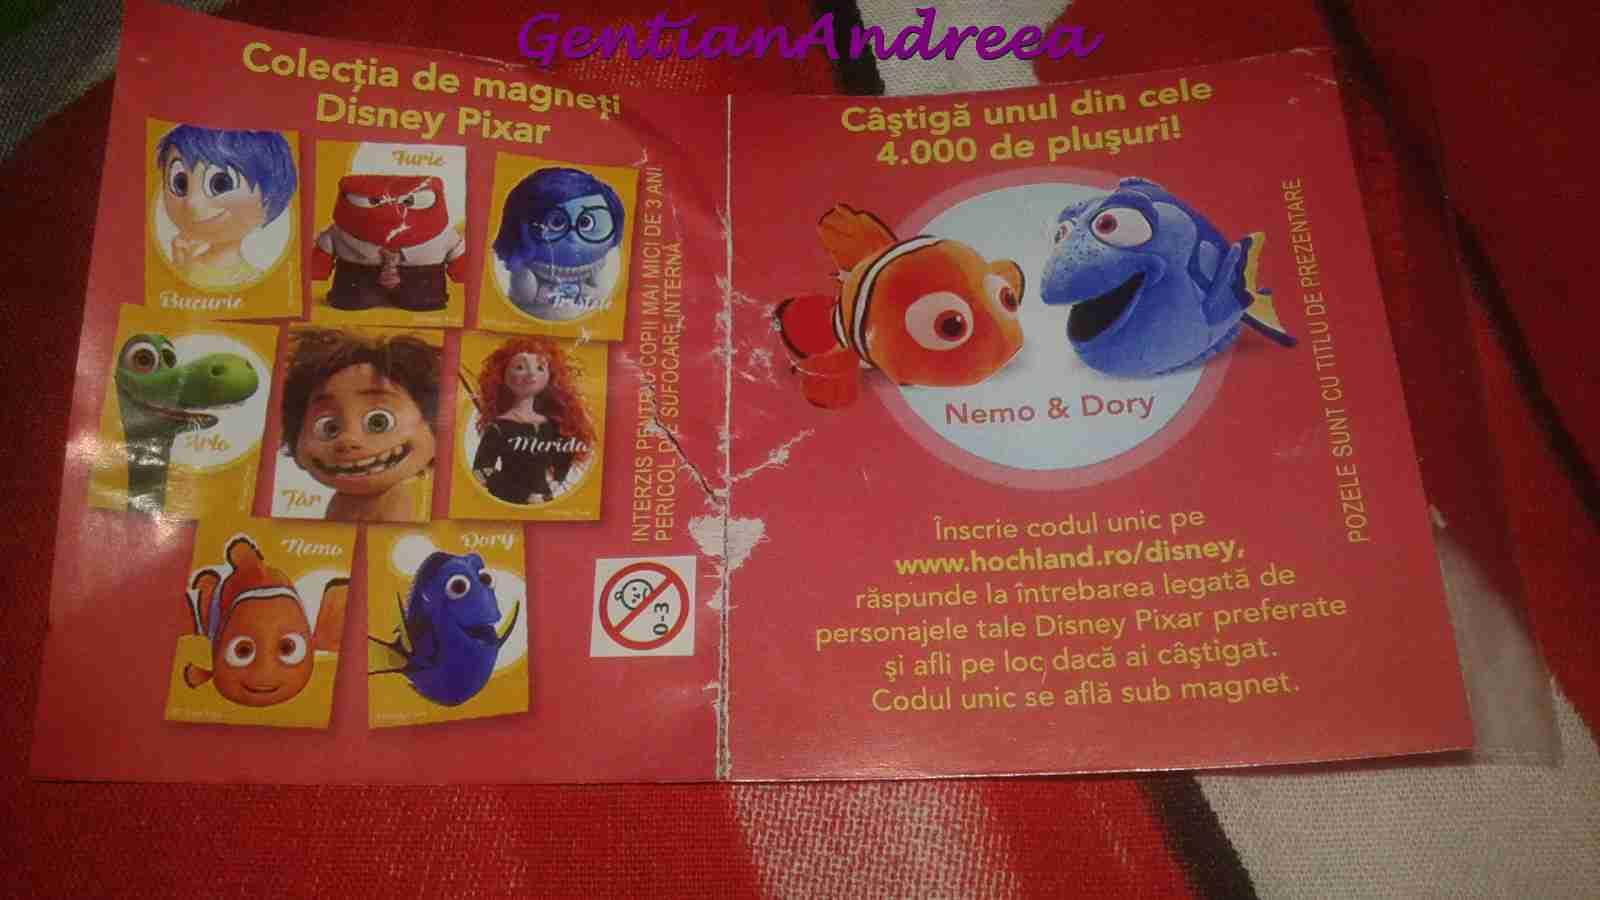 100% de înaltă calitate Adidași 2018 reducere Gentiana Andreea: Promotie : magnet Disney - Hochland